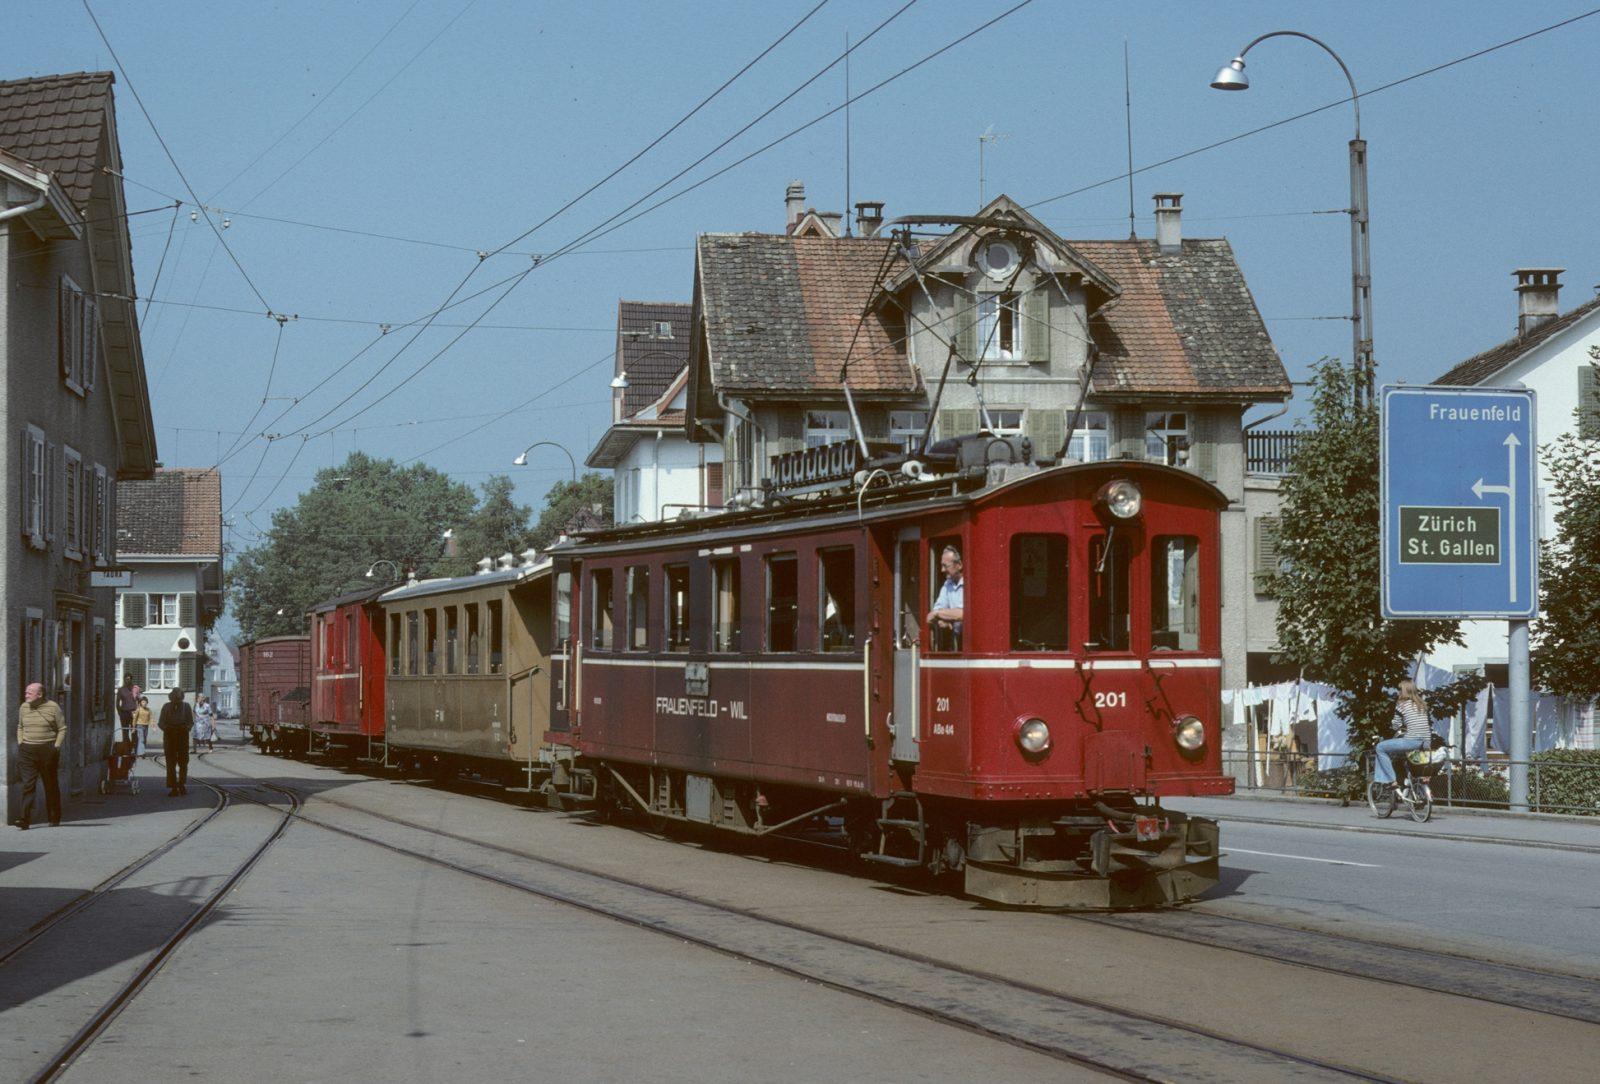 Frauenfeld Wil Bahn Münchwilen